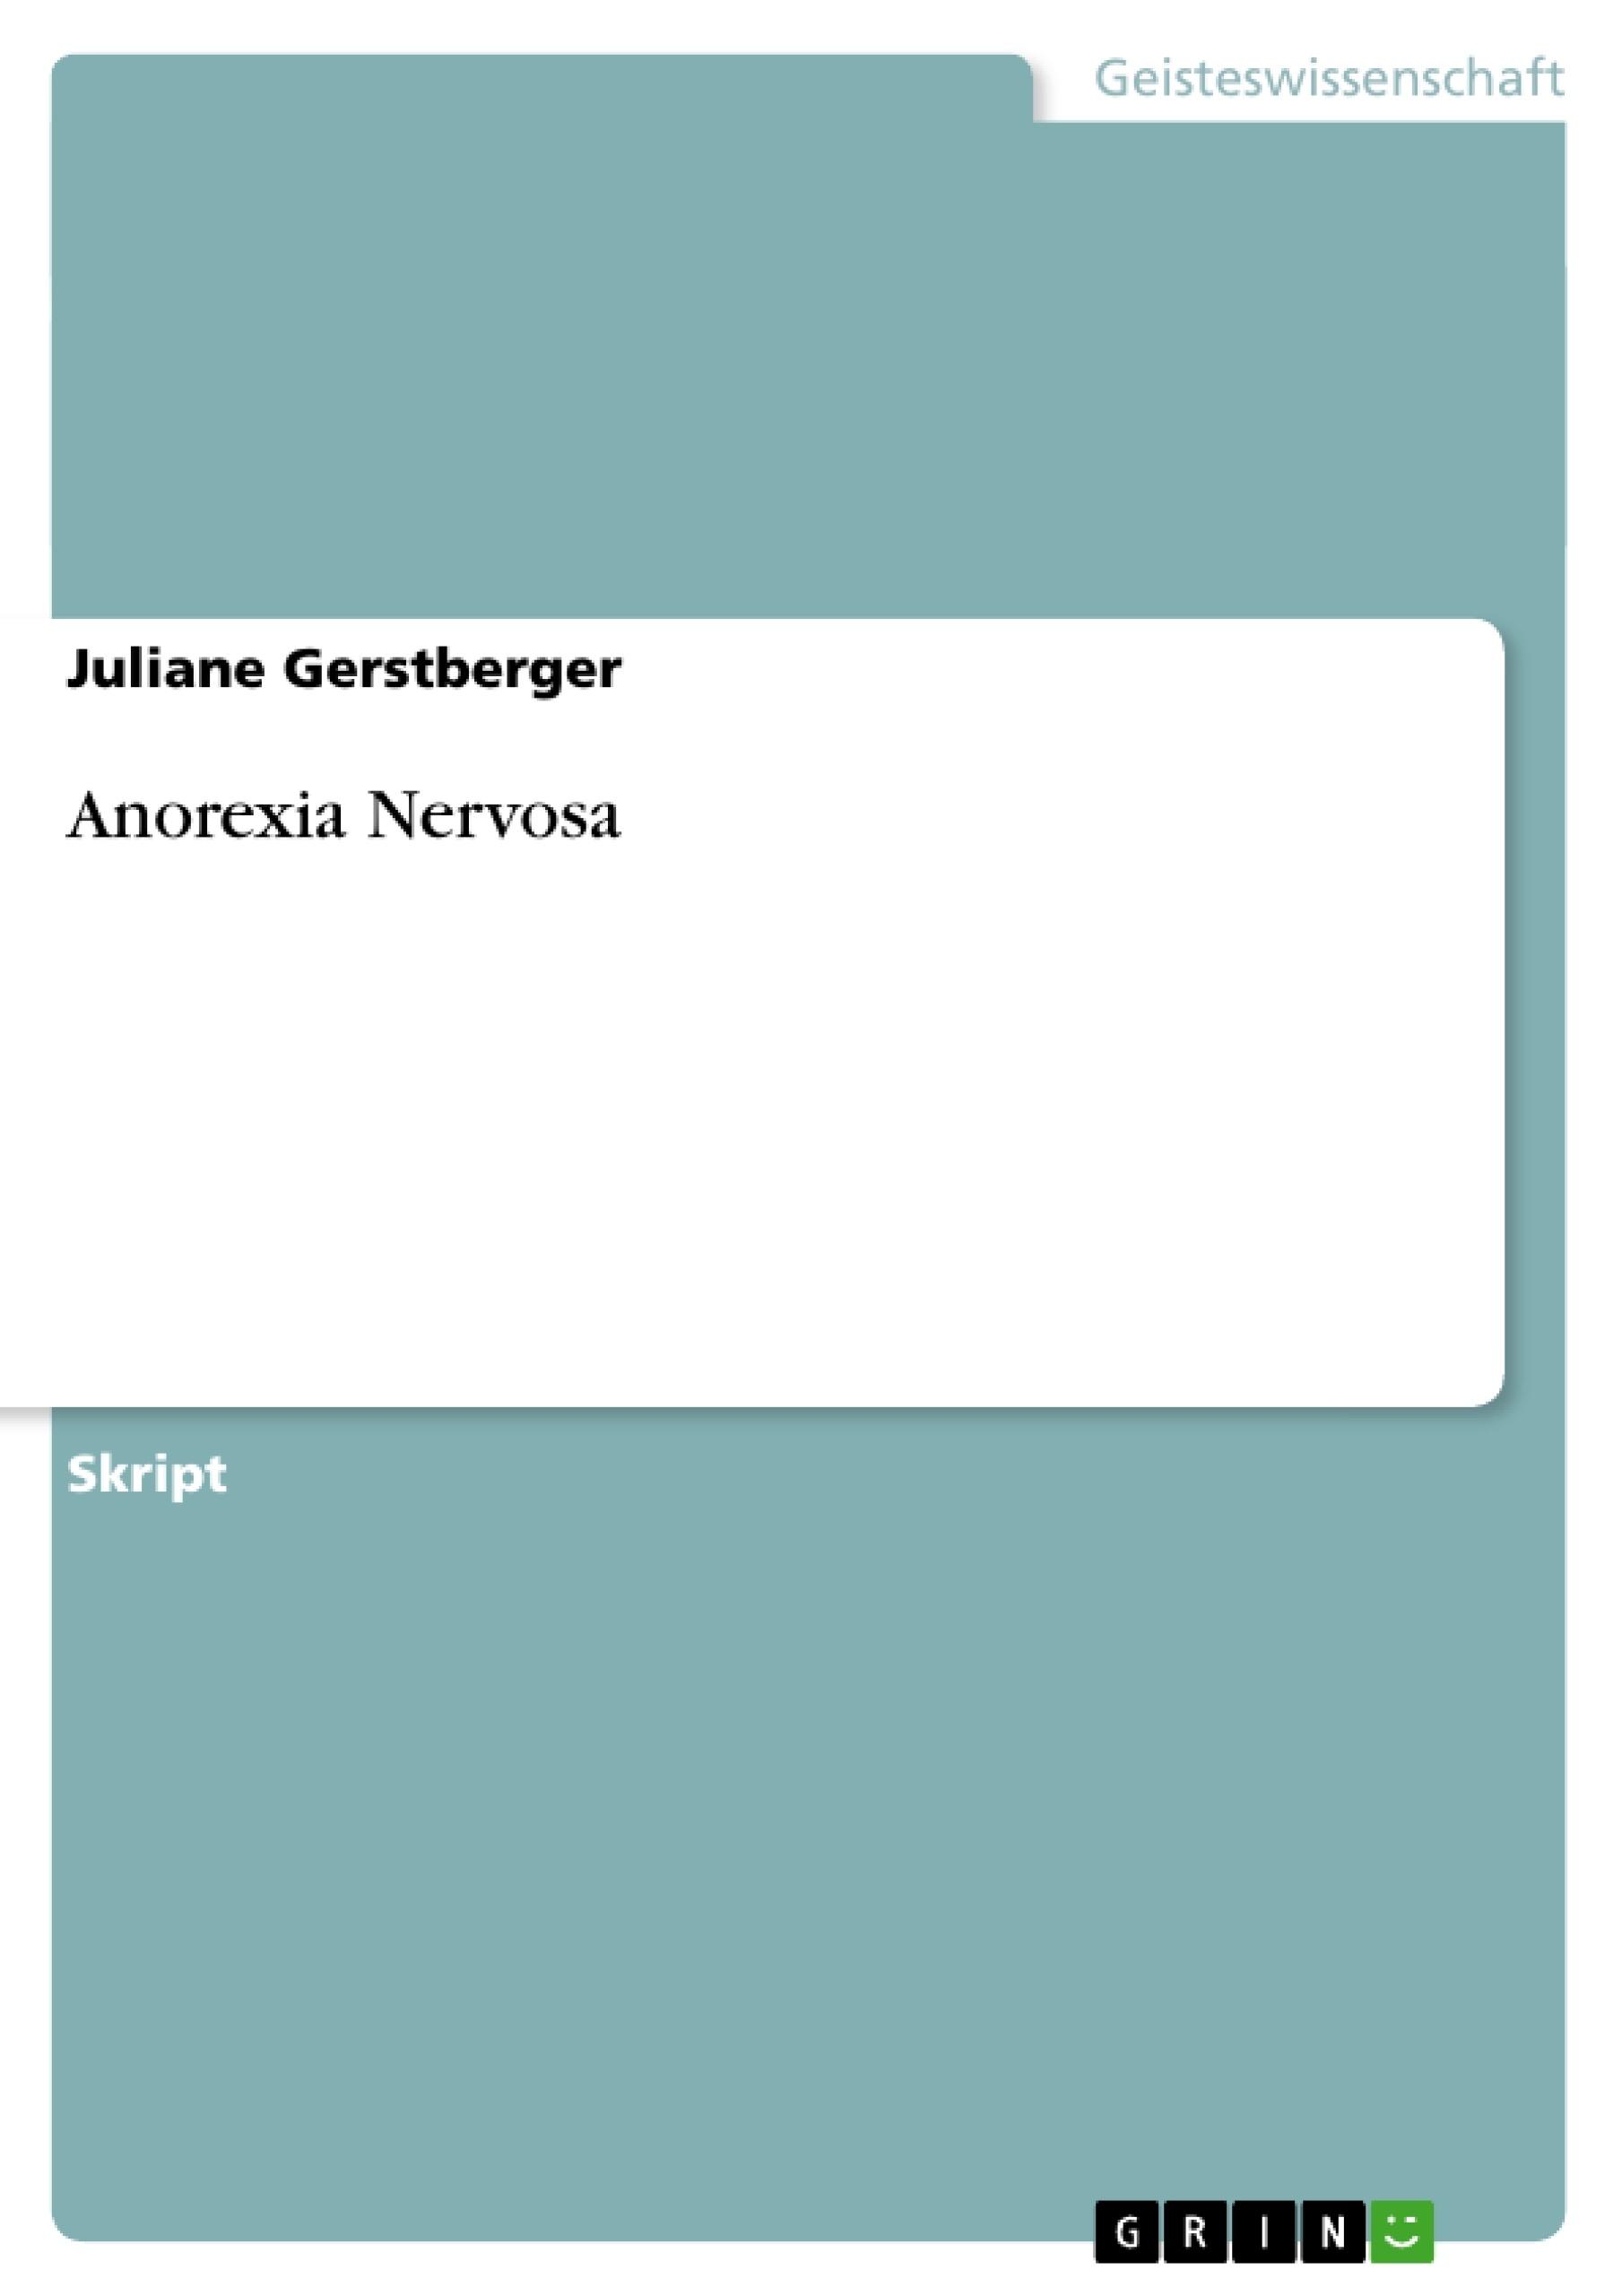 Titel: Anorexia Nervosa